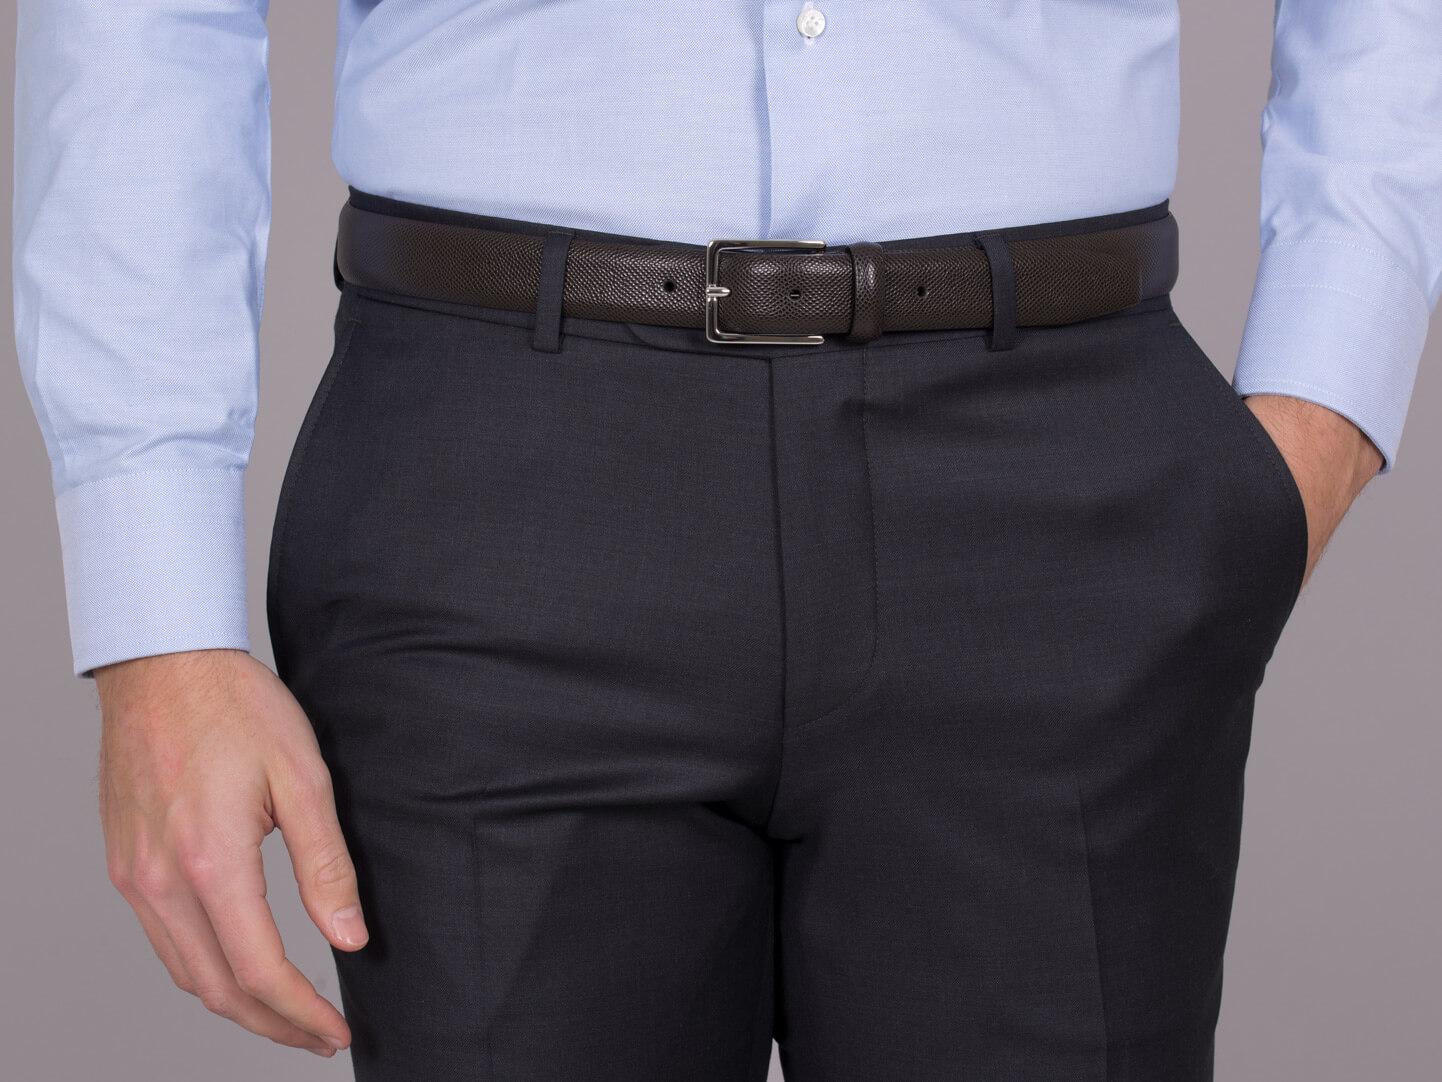 Skjortan, instoppad eller inte? CareOfCarl com